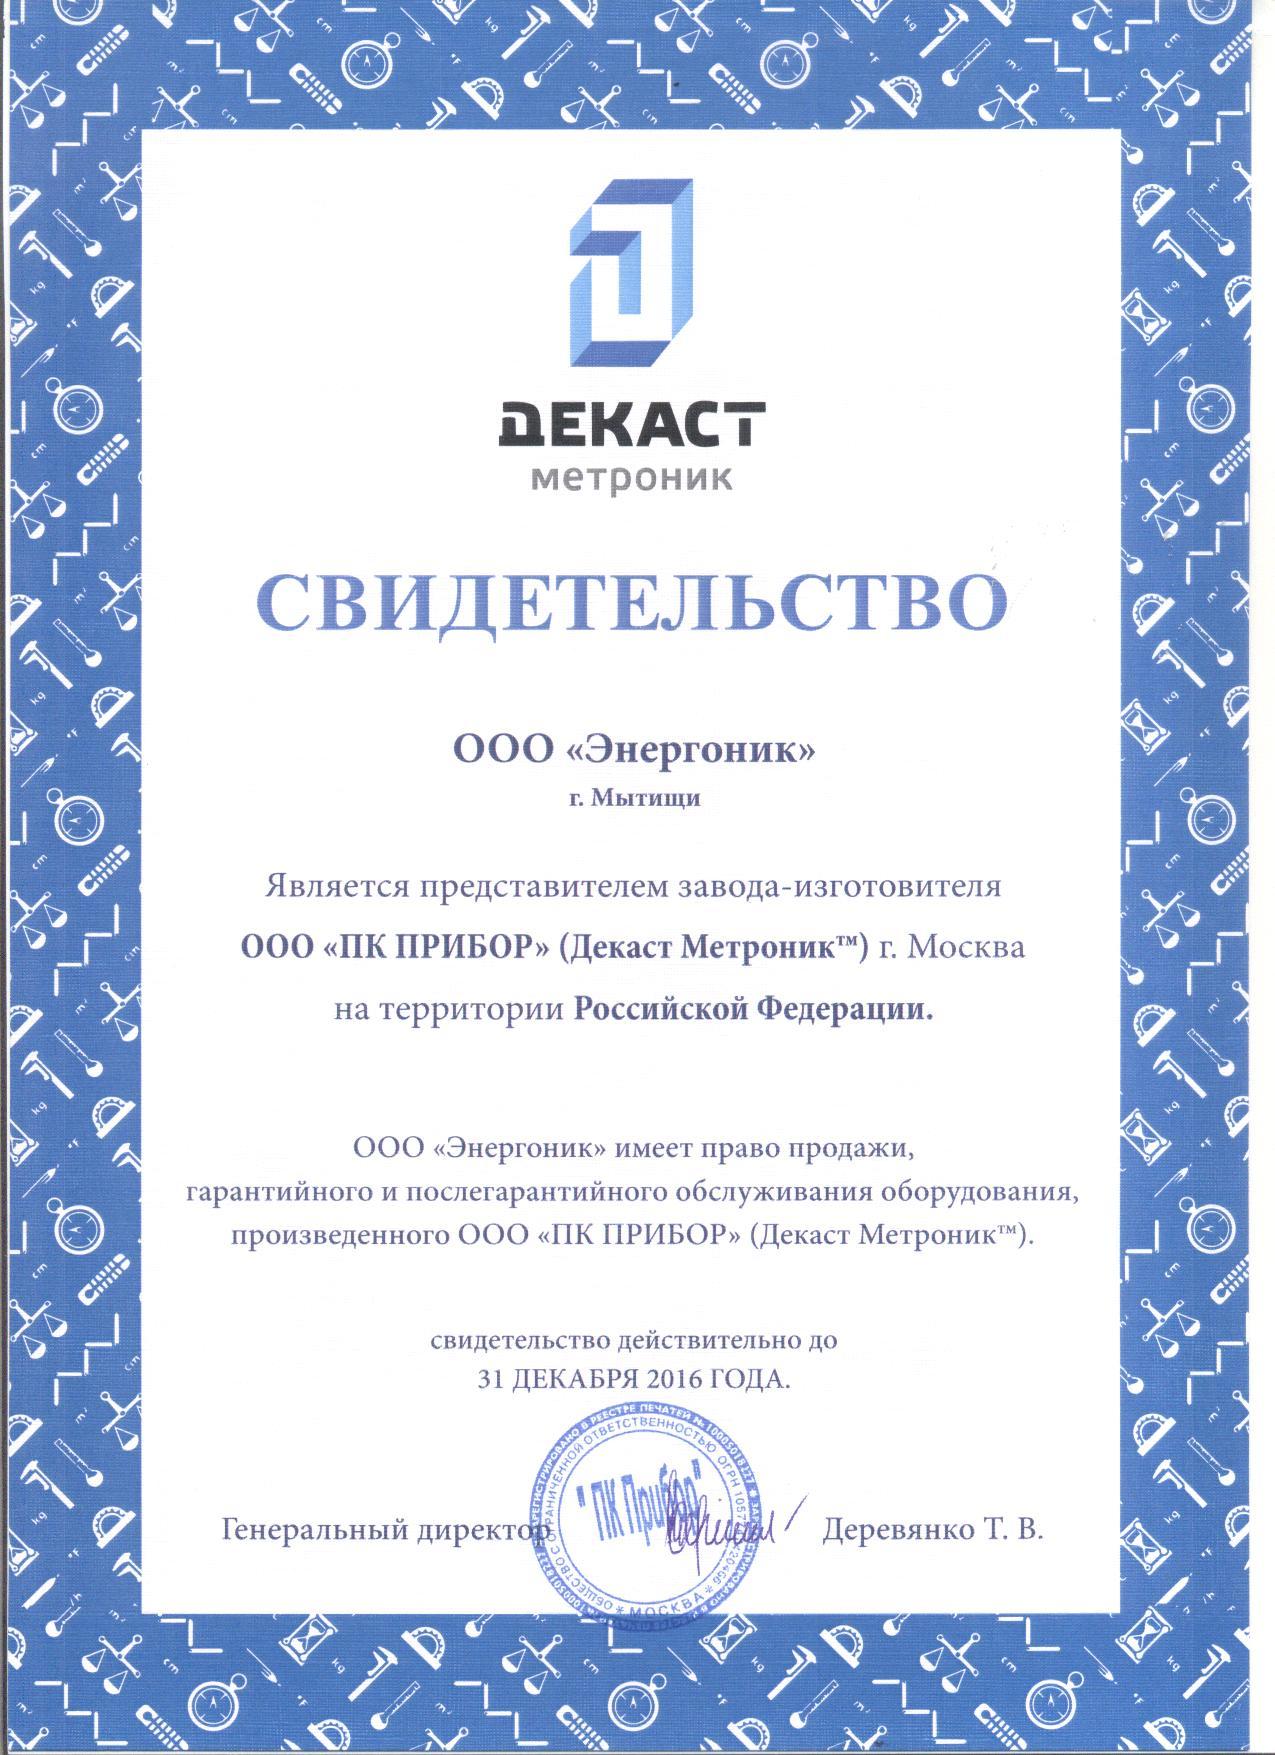 Свидетельство о представительстве ООО